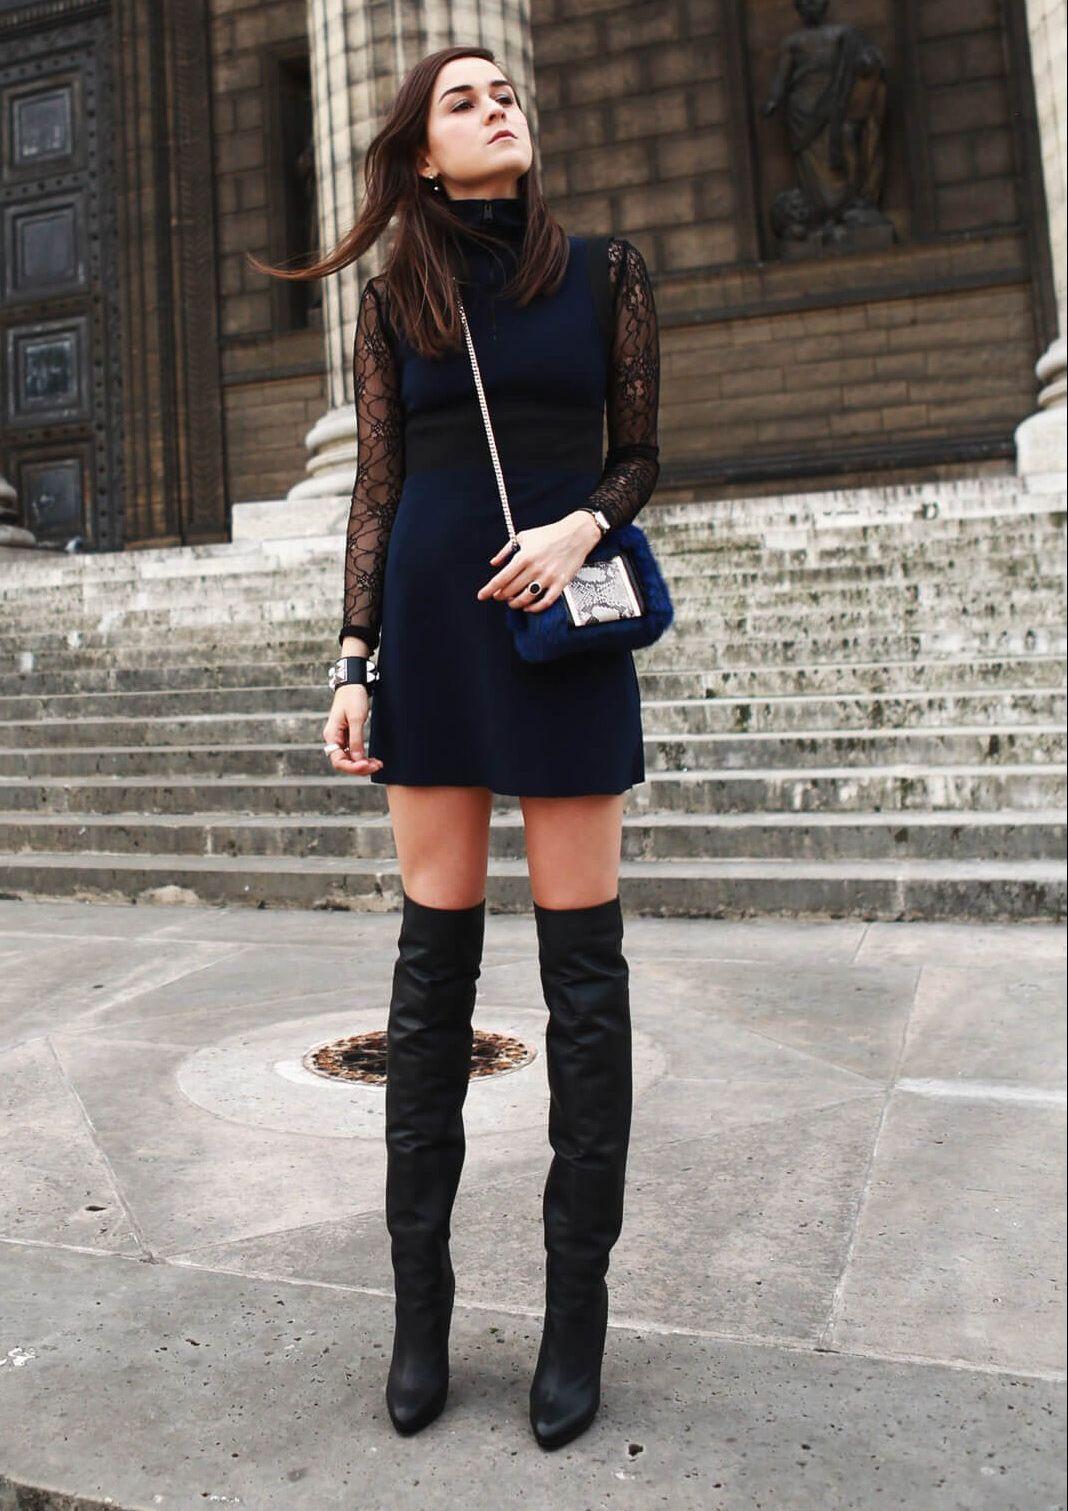 черное платье и сапоги-ботфорты фото